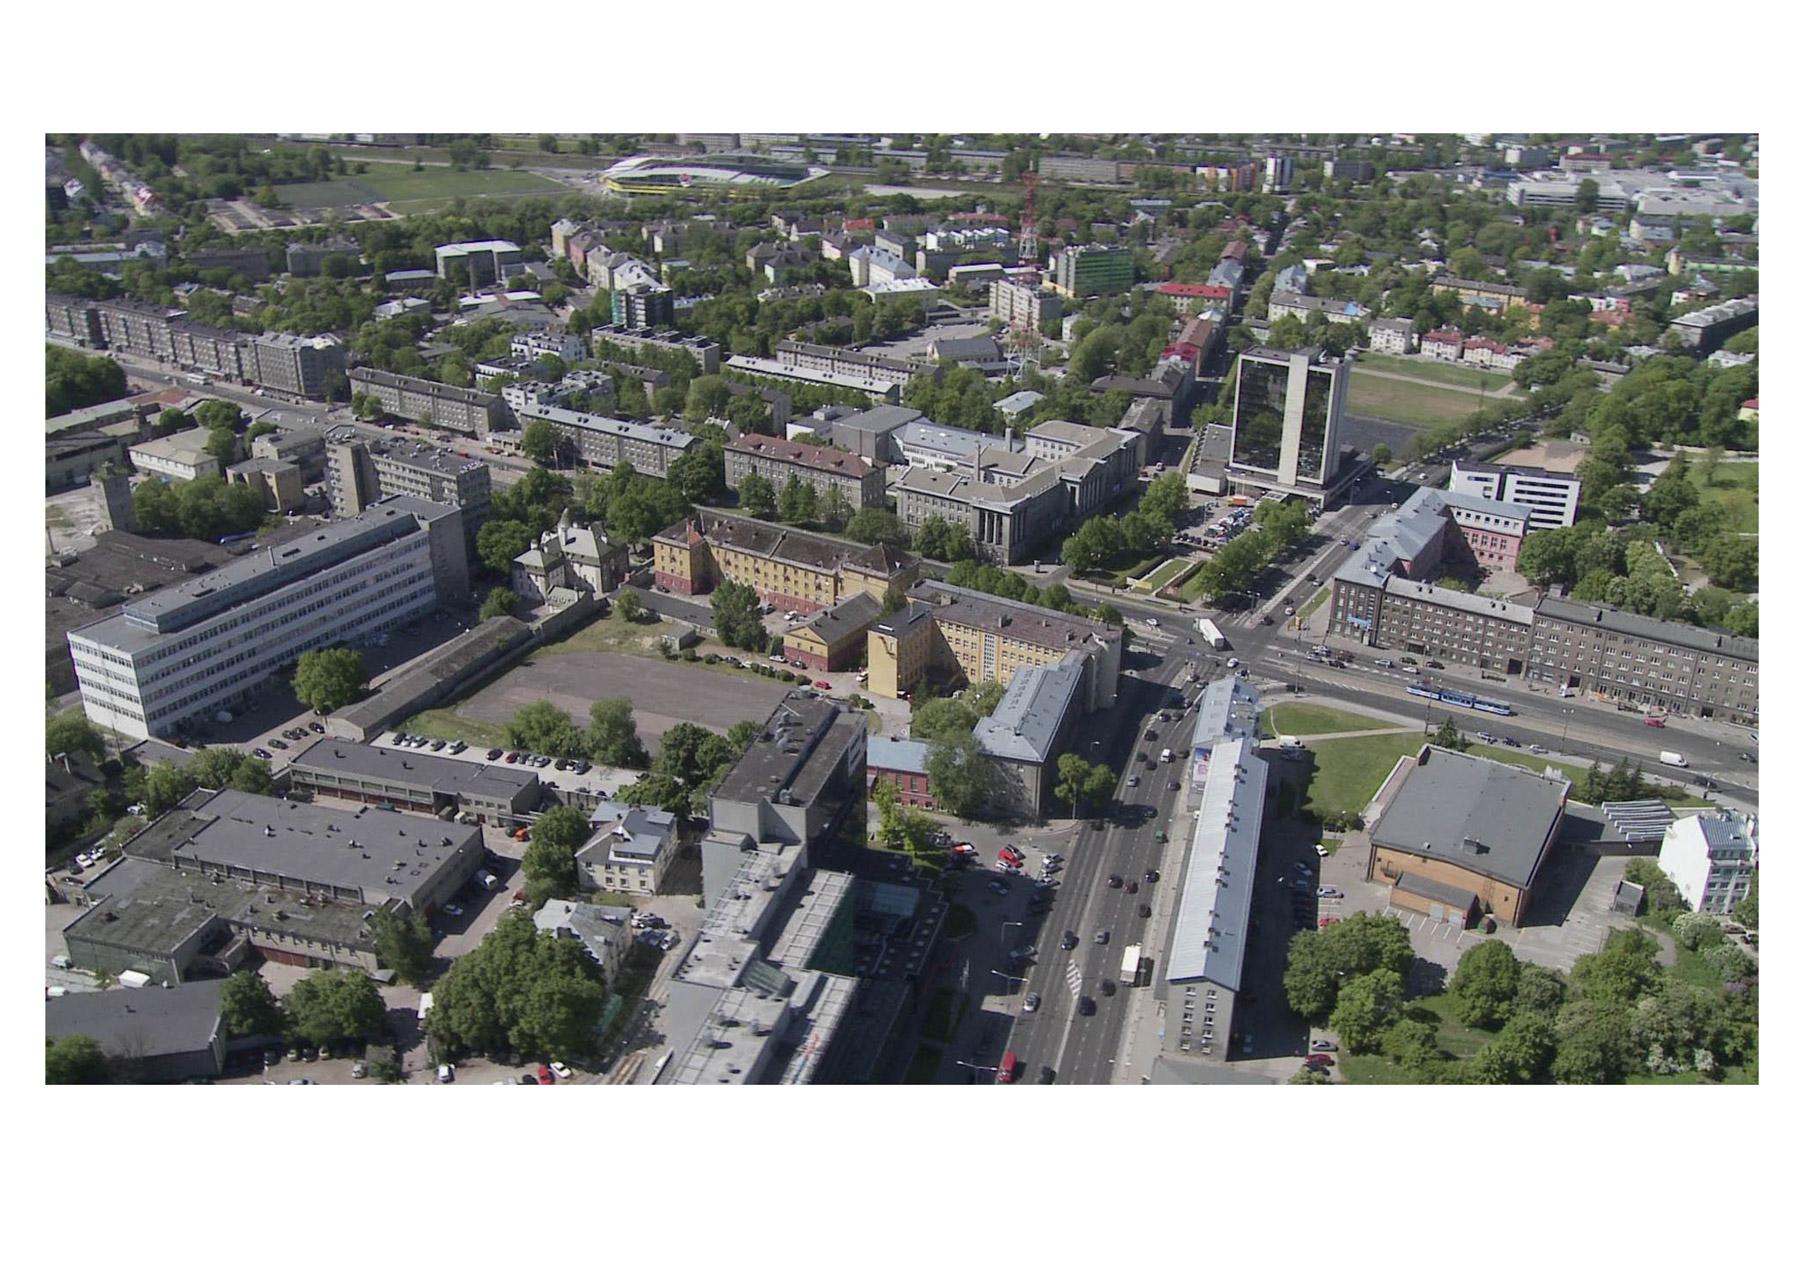 099_Tallinn_Slide_06